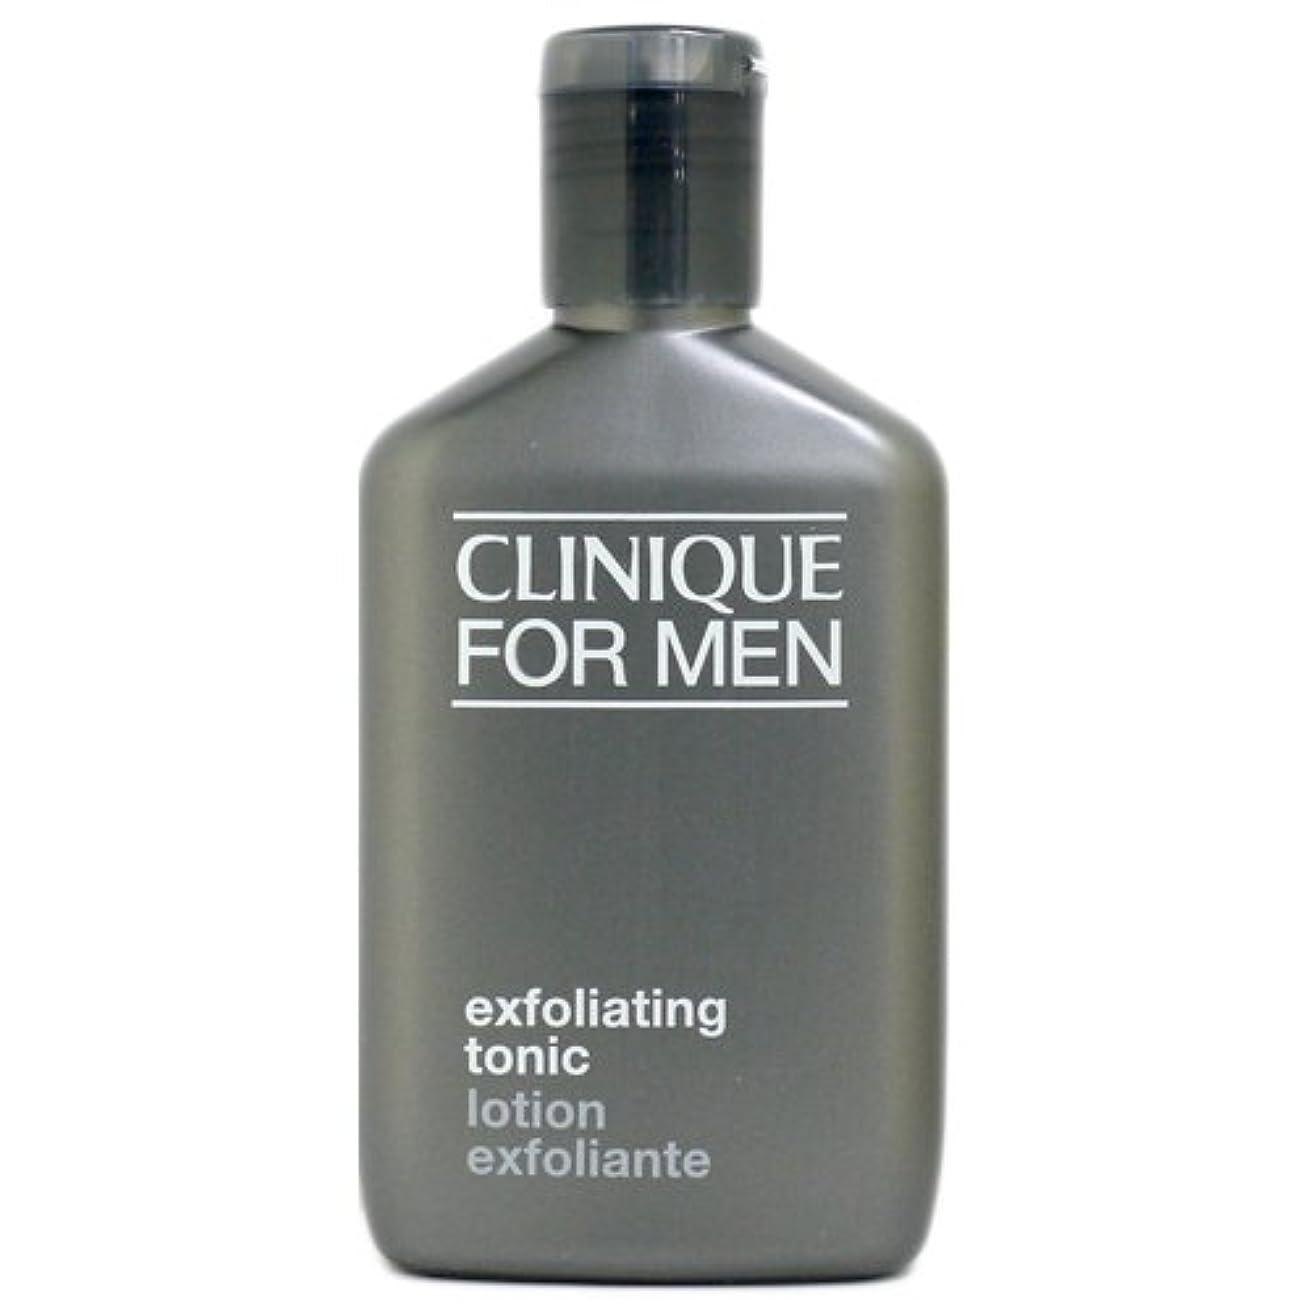 家具類似性洗練クリニークフォーメン(CLINIQUE FOR MEN) エクスフォリエーティング トニック 200ml[並行輸入品]